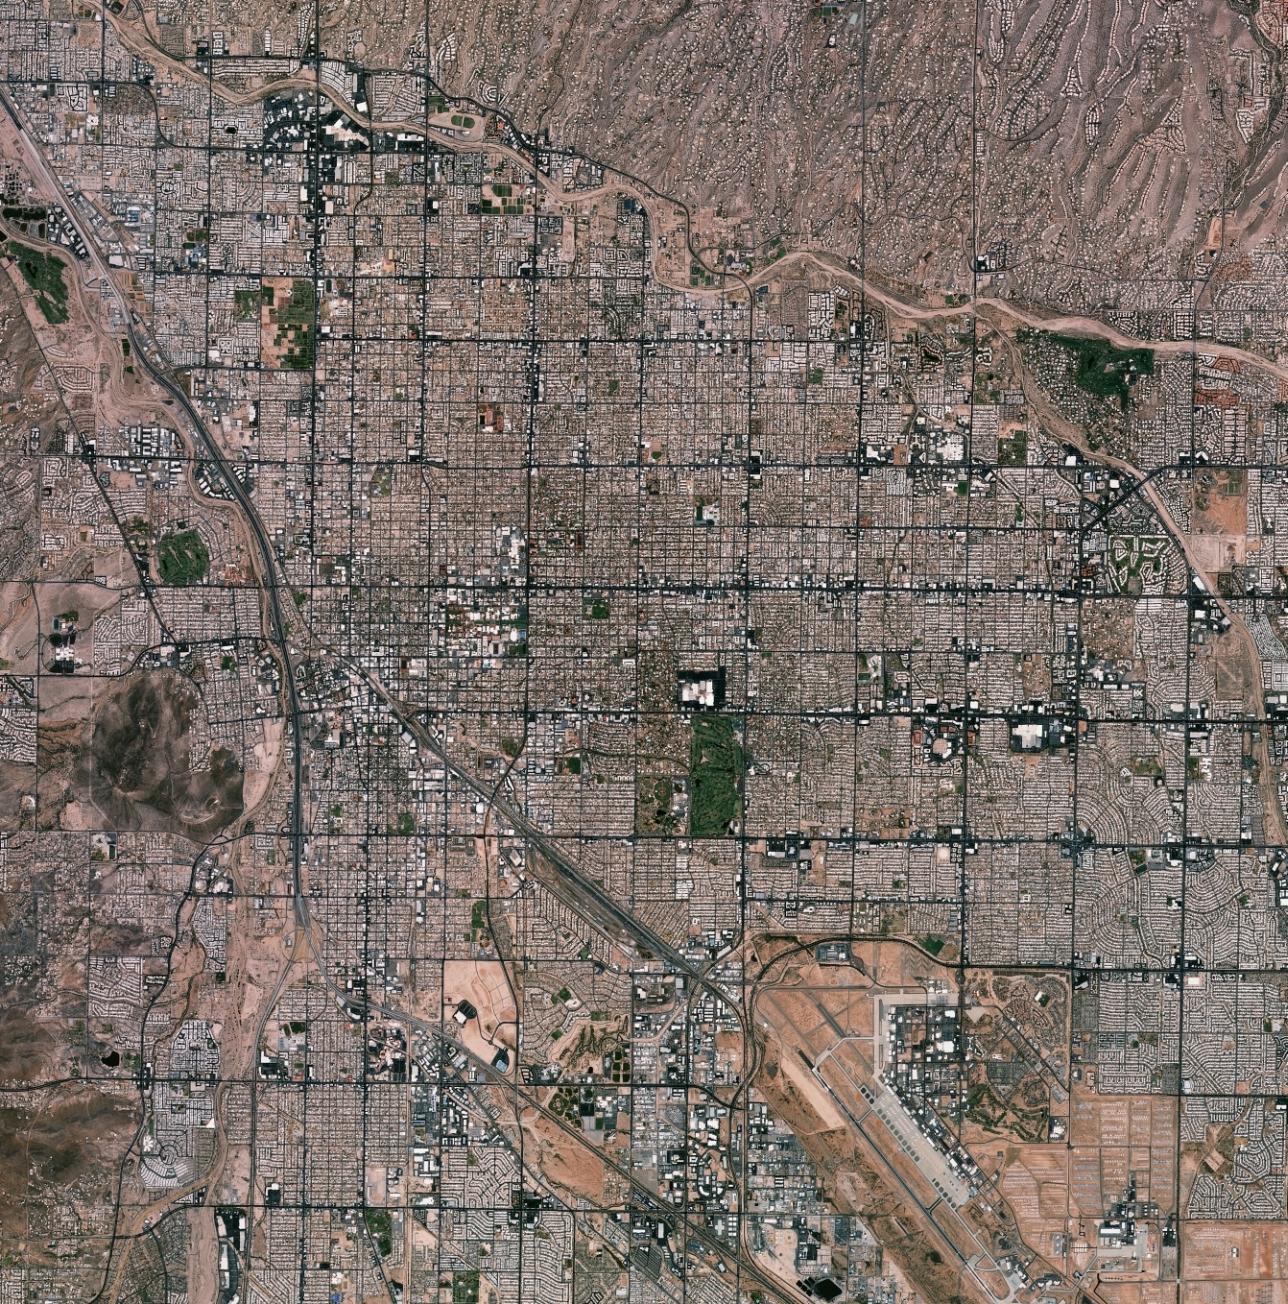 GK2_Tucson_20130619_k